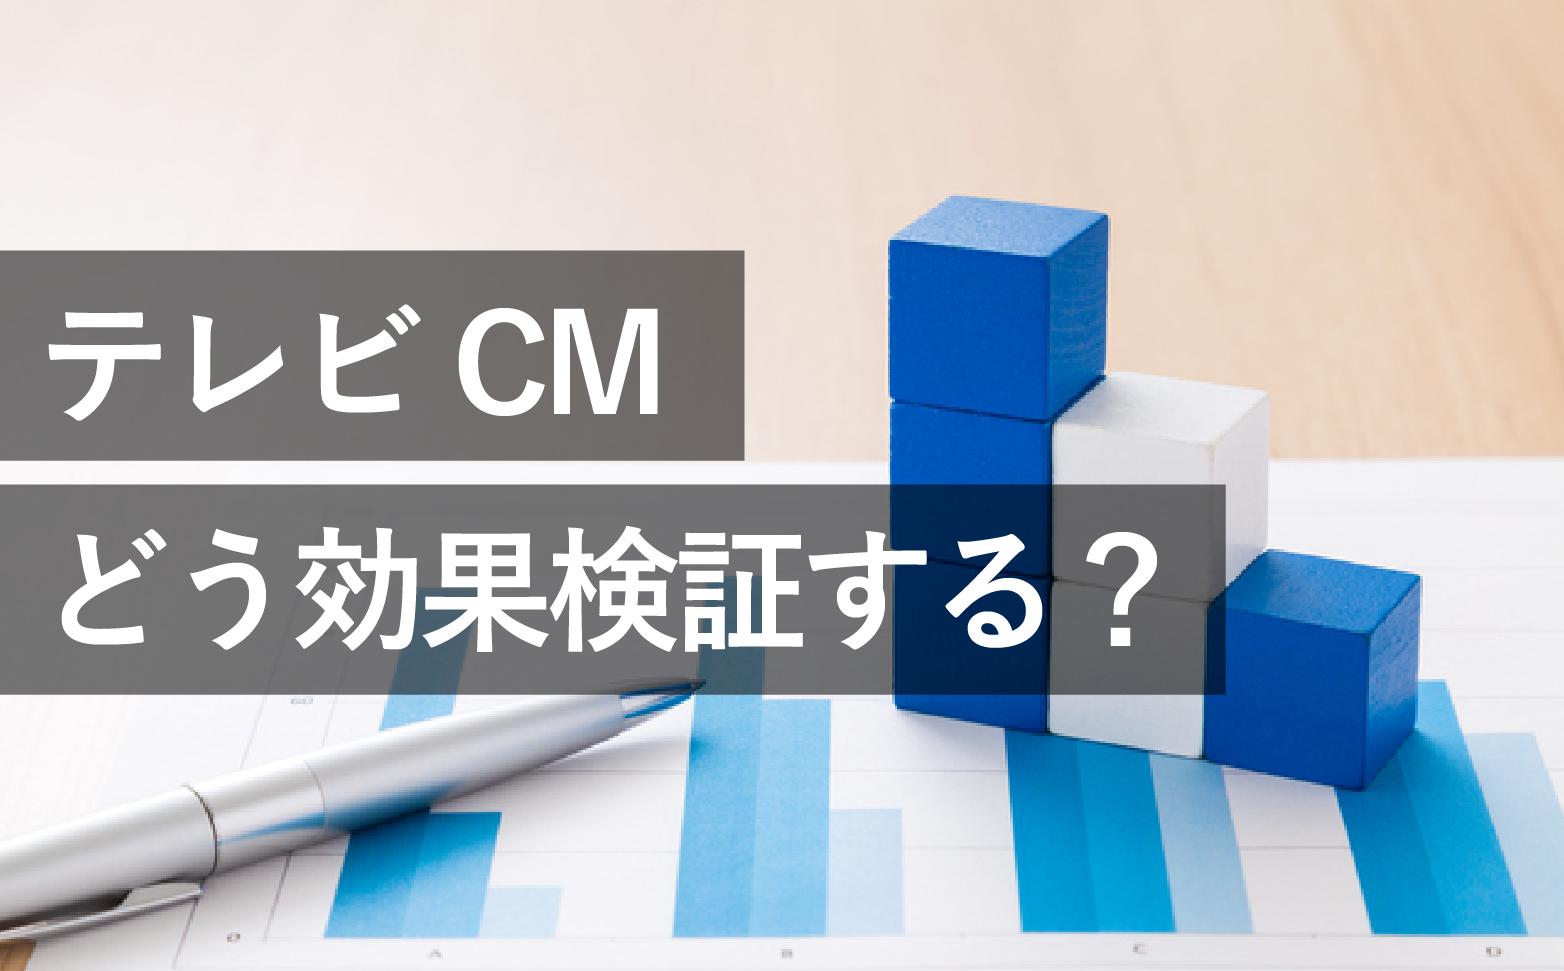 テレビCMはどう効果検証する?ウェブとのクロスチャネルを解説